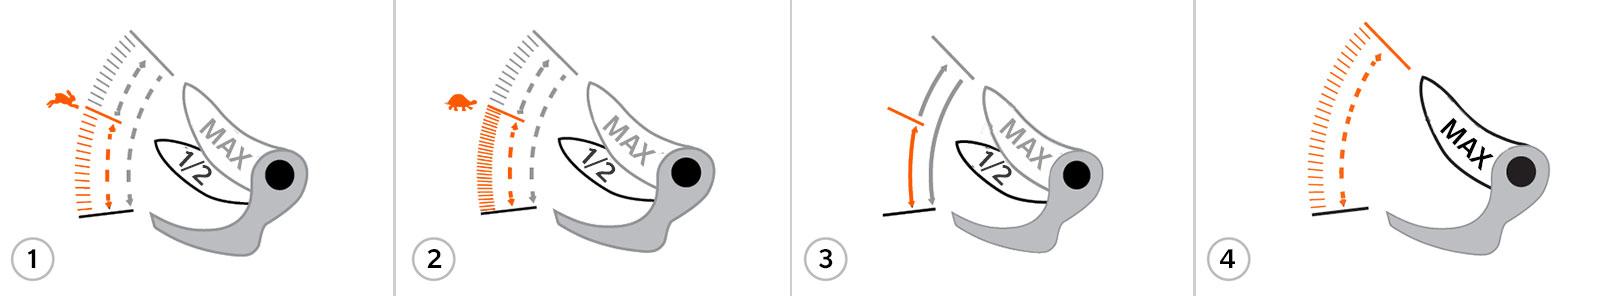 Pellenc 3 Inställningslägen